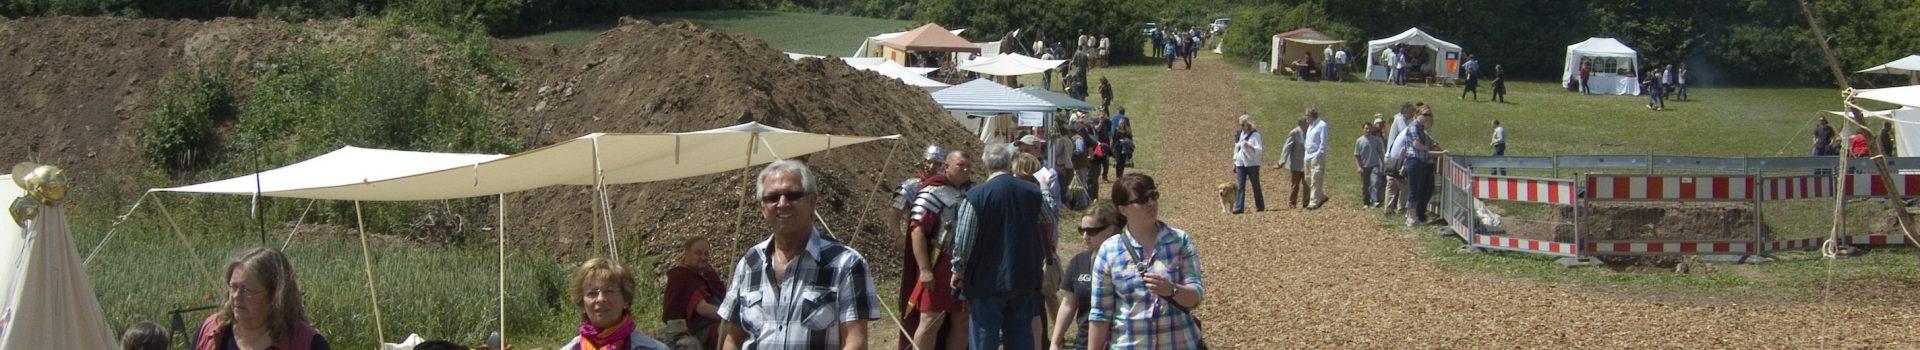 Römerfest auf der Ausgrabung